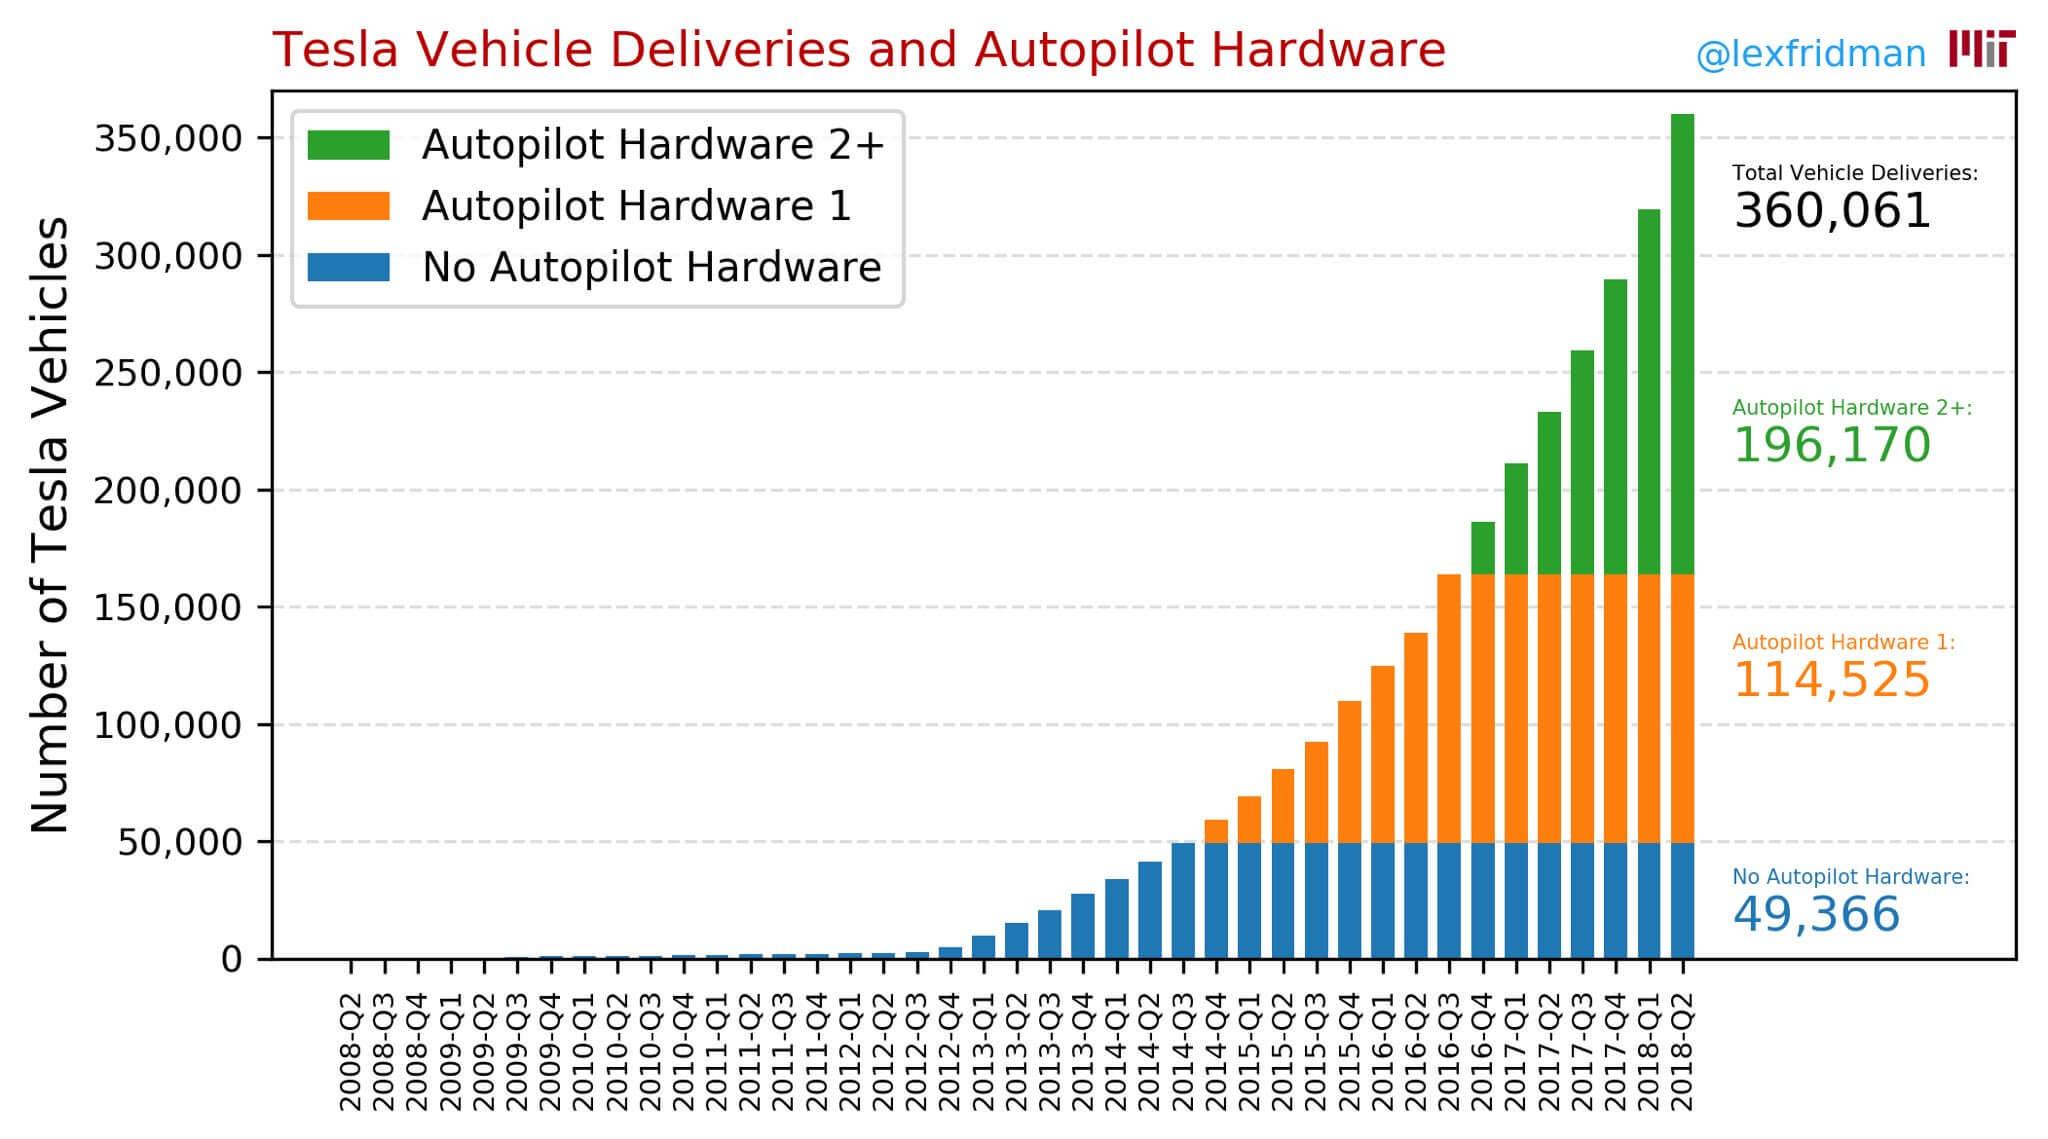 Мировые продажи электромобилей Tesla